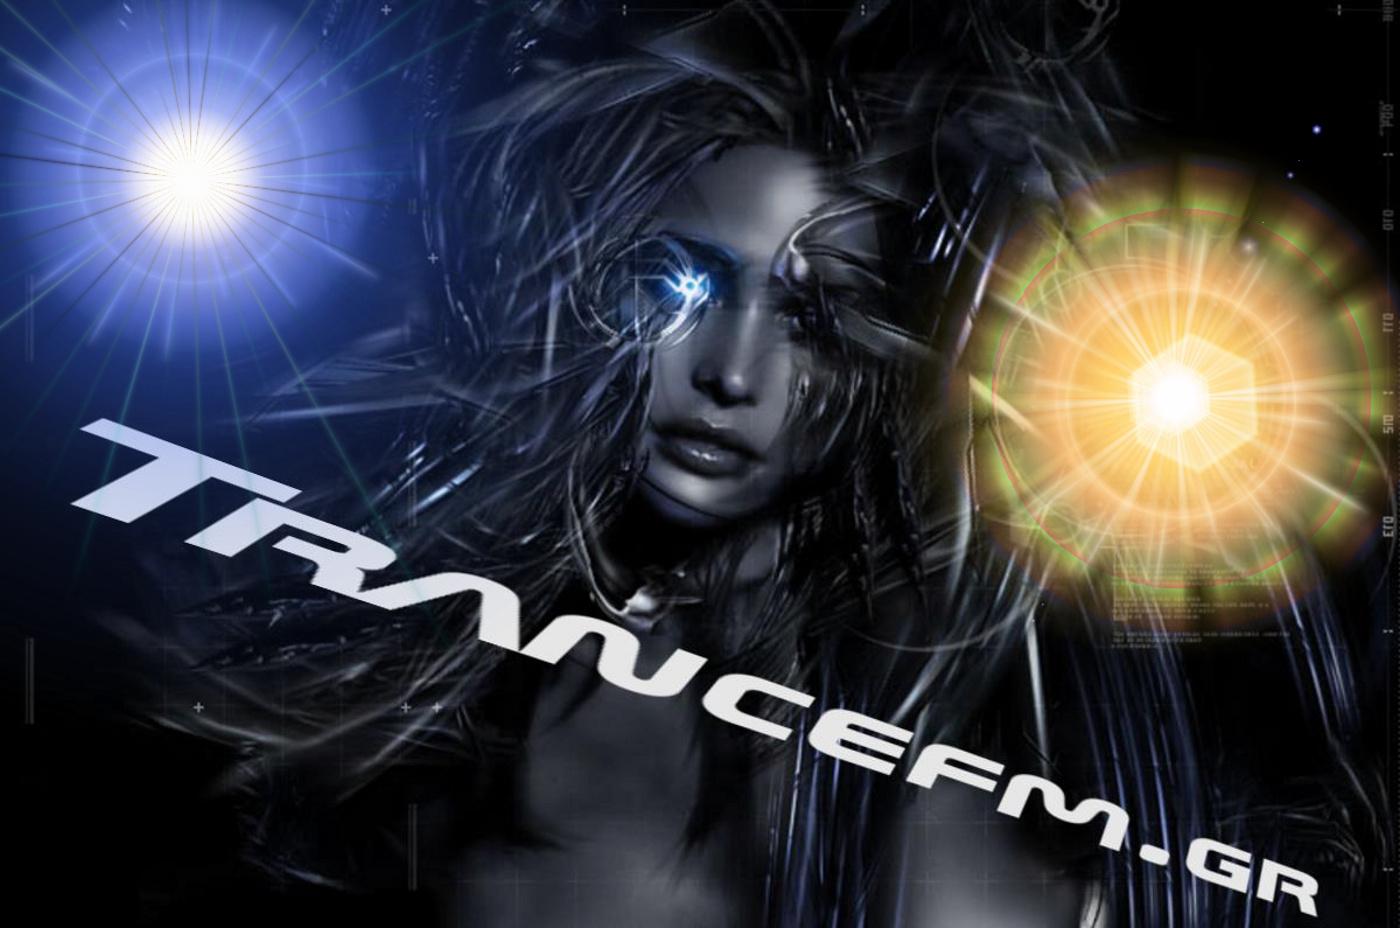 tranceelinatrance